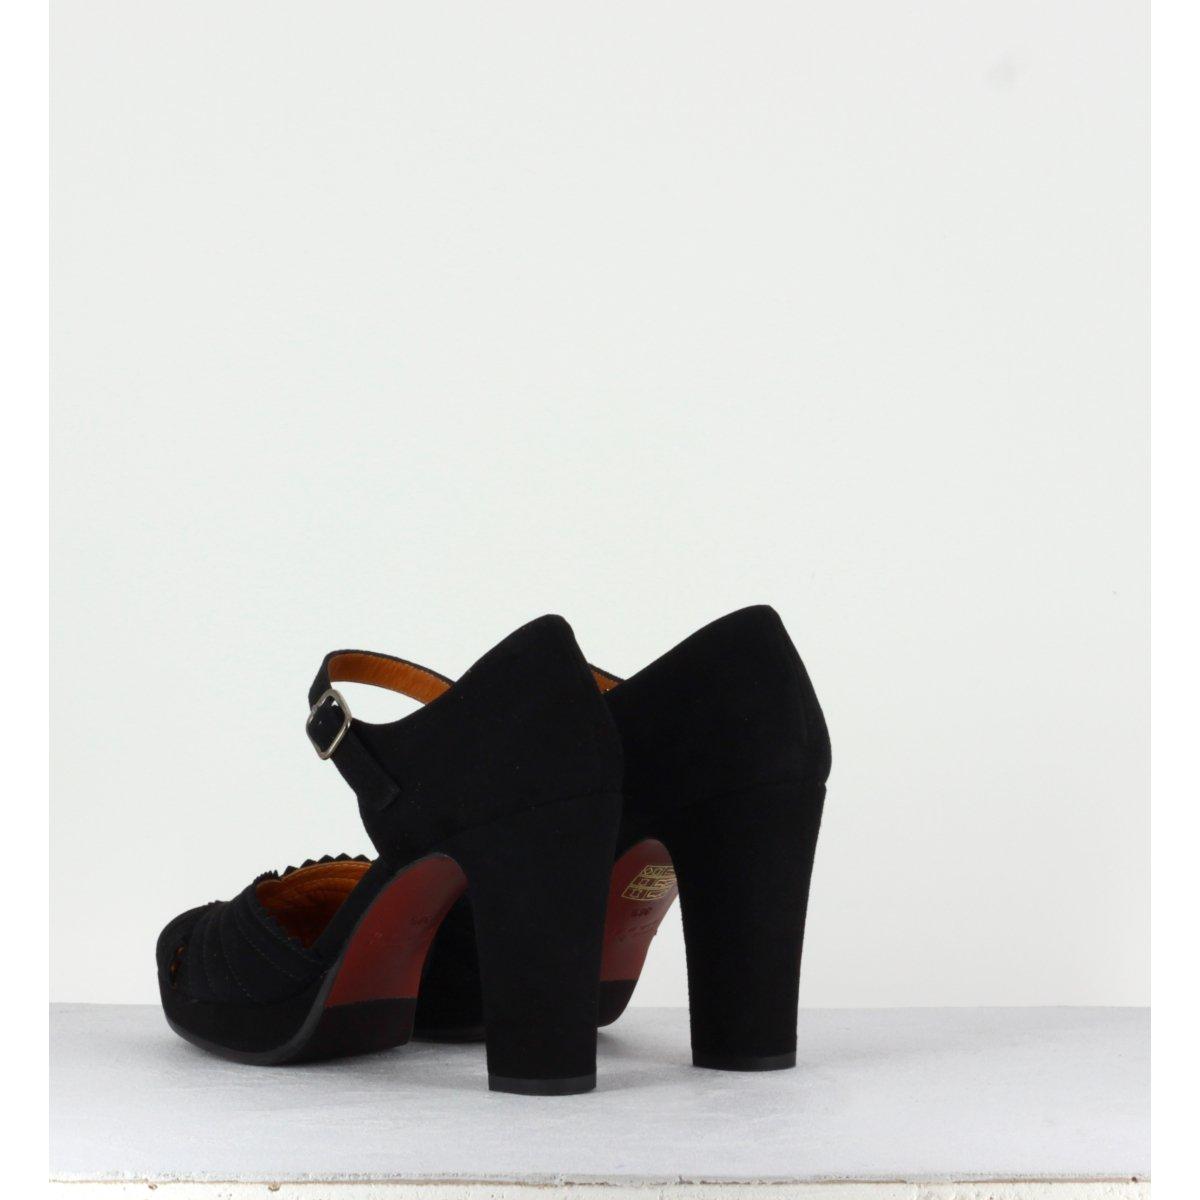 Sandales noires en suede LENTIL31N - CHIE MIHARA